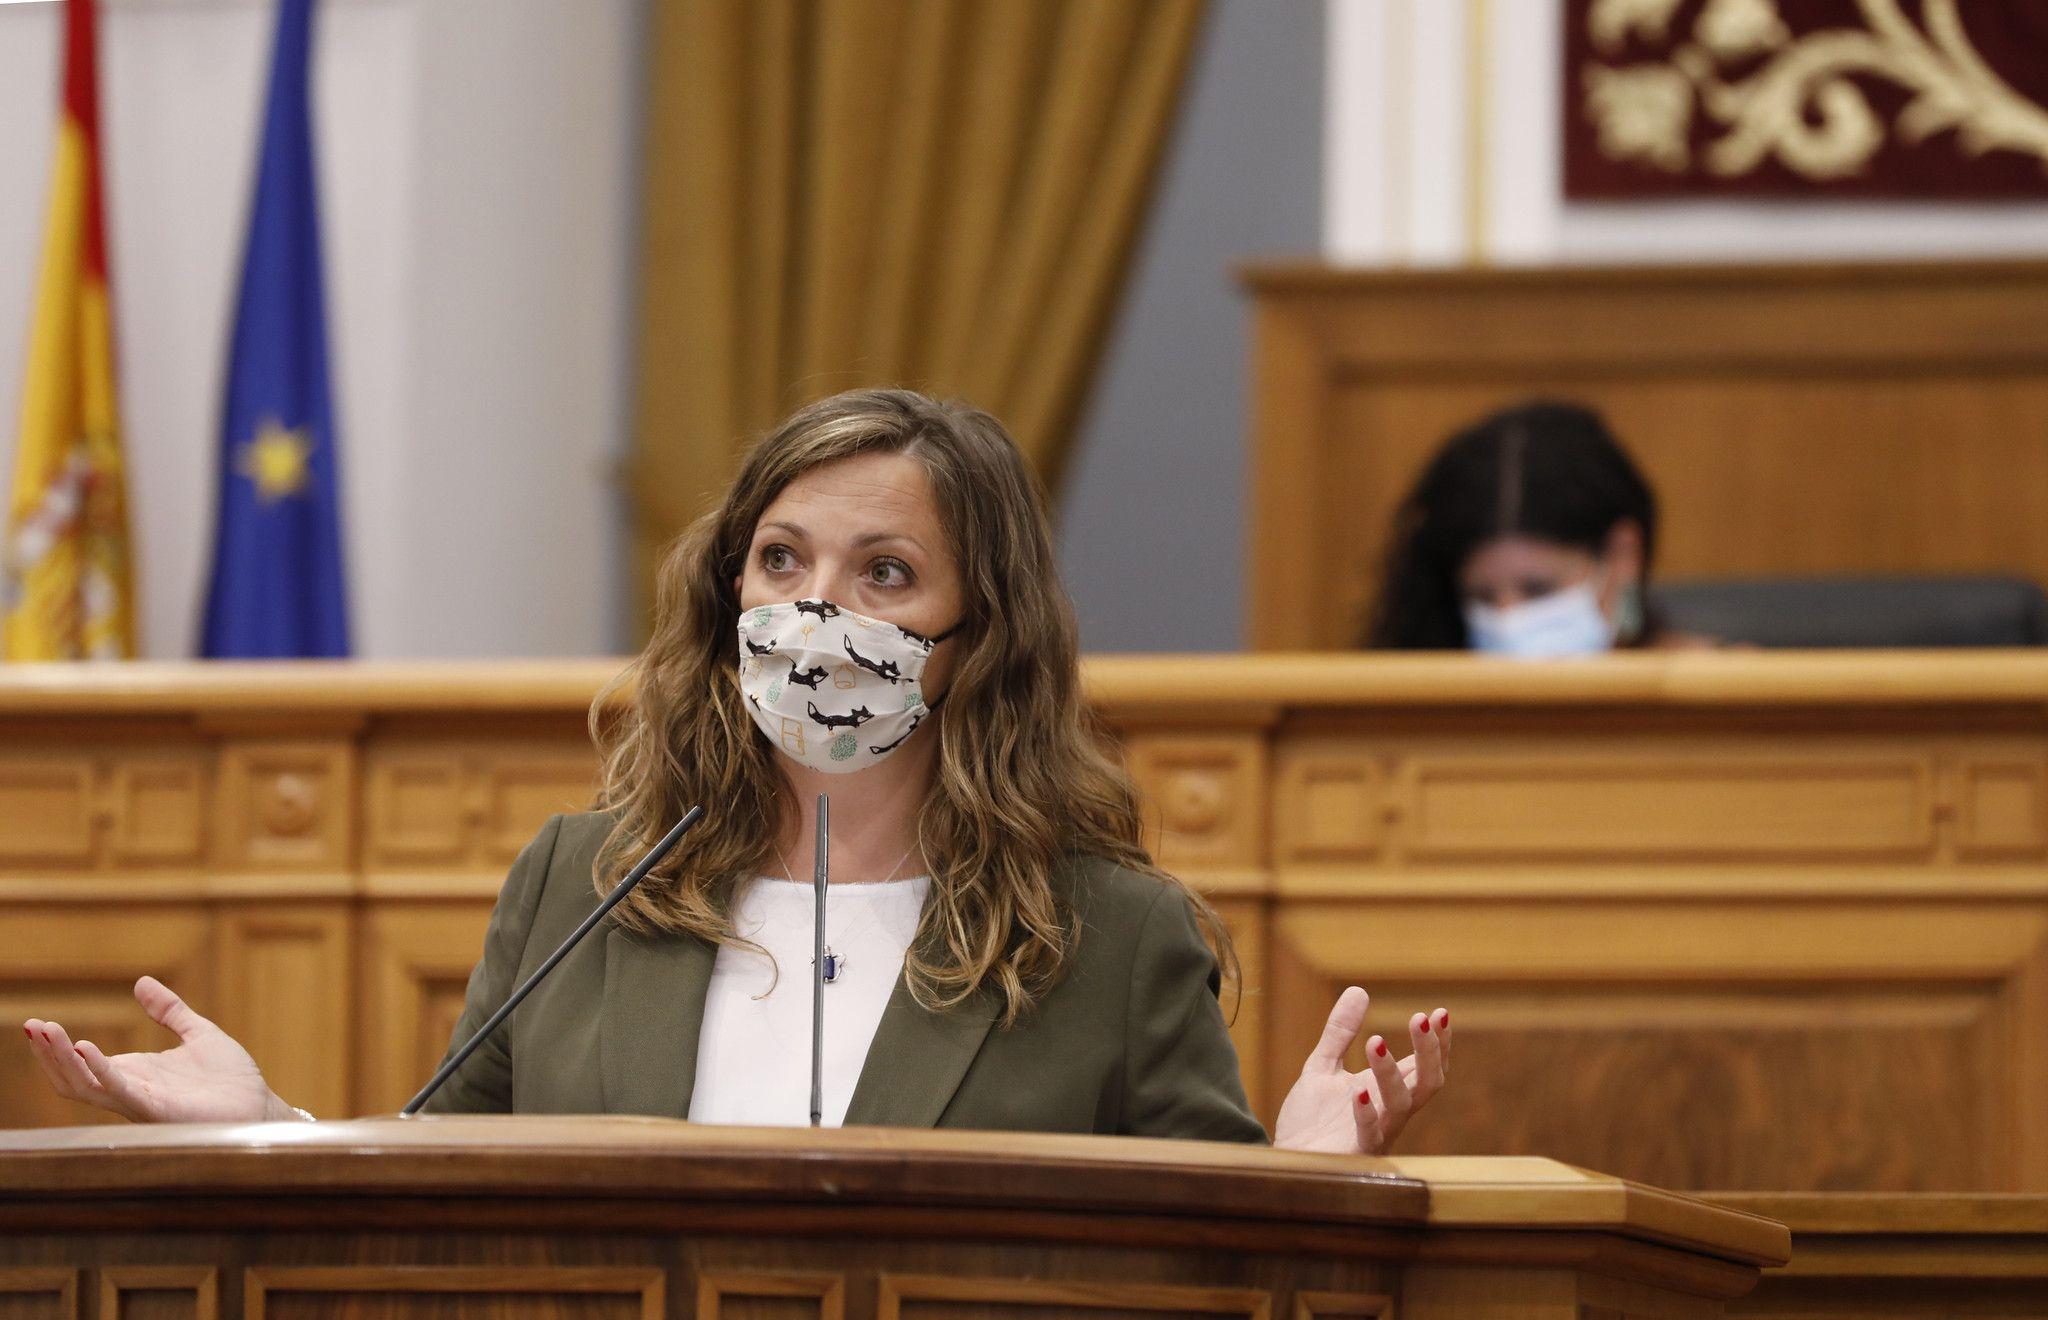 García Saco defiende el compromiso del Gobierno de Page contra la ocupación ilegal y denuncia la